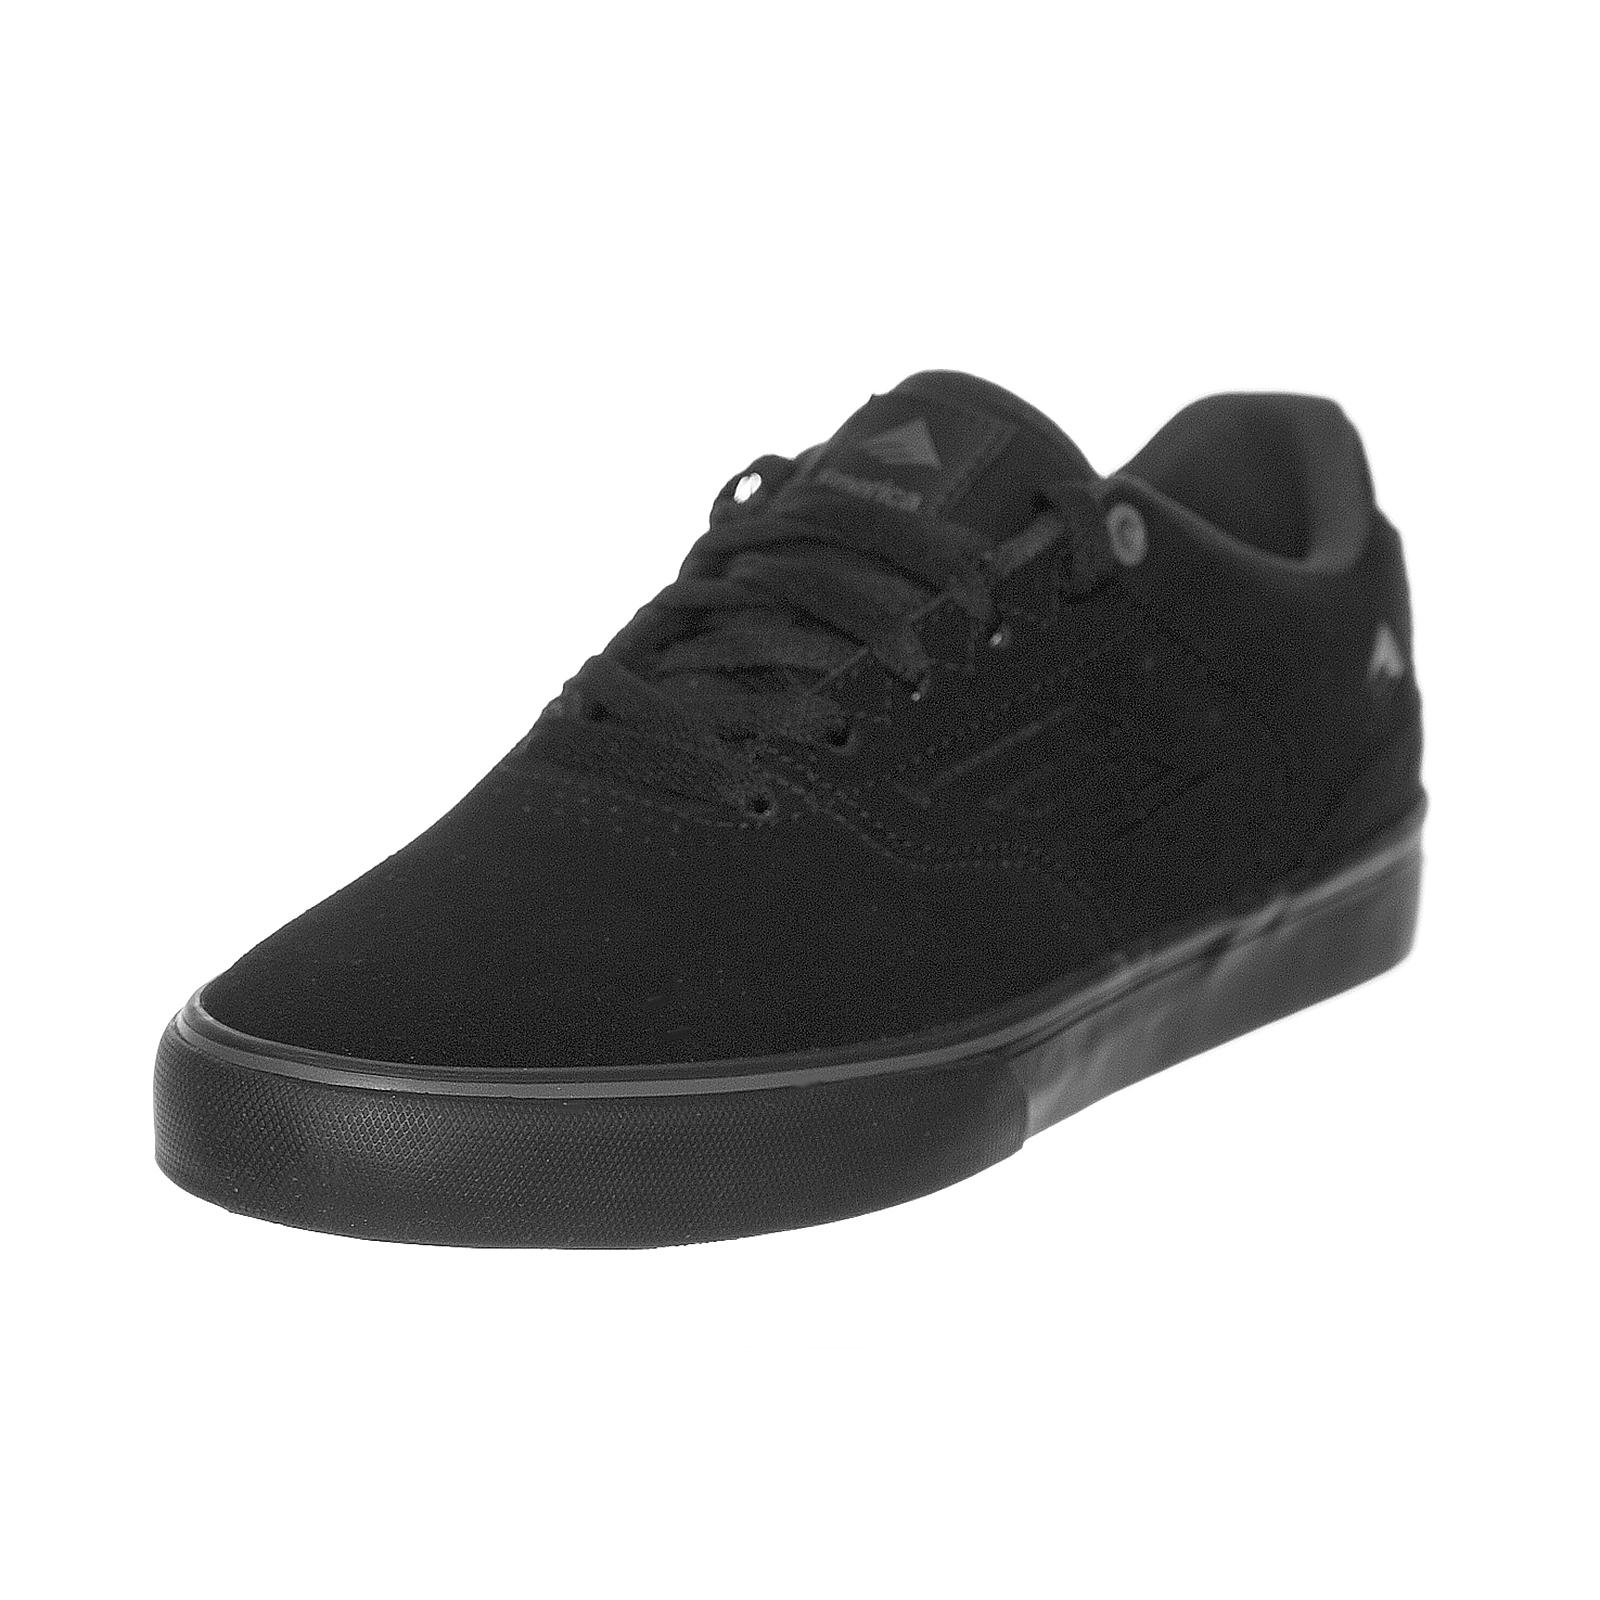 Emerica Sneakers The Reynolds Low Vulc Black Black Grey black